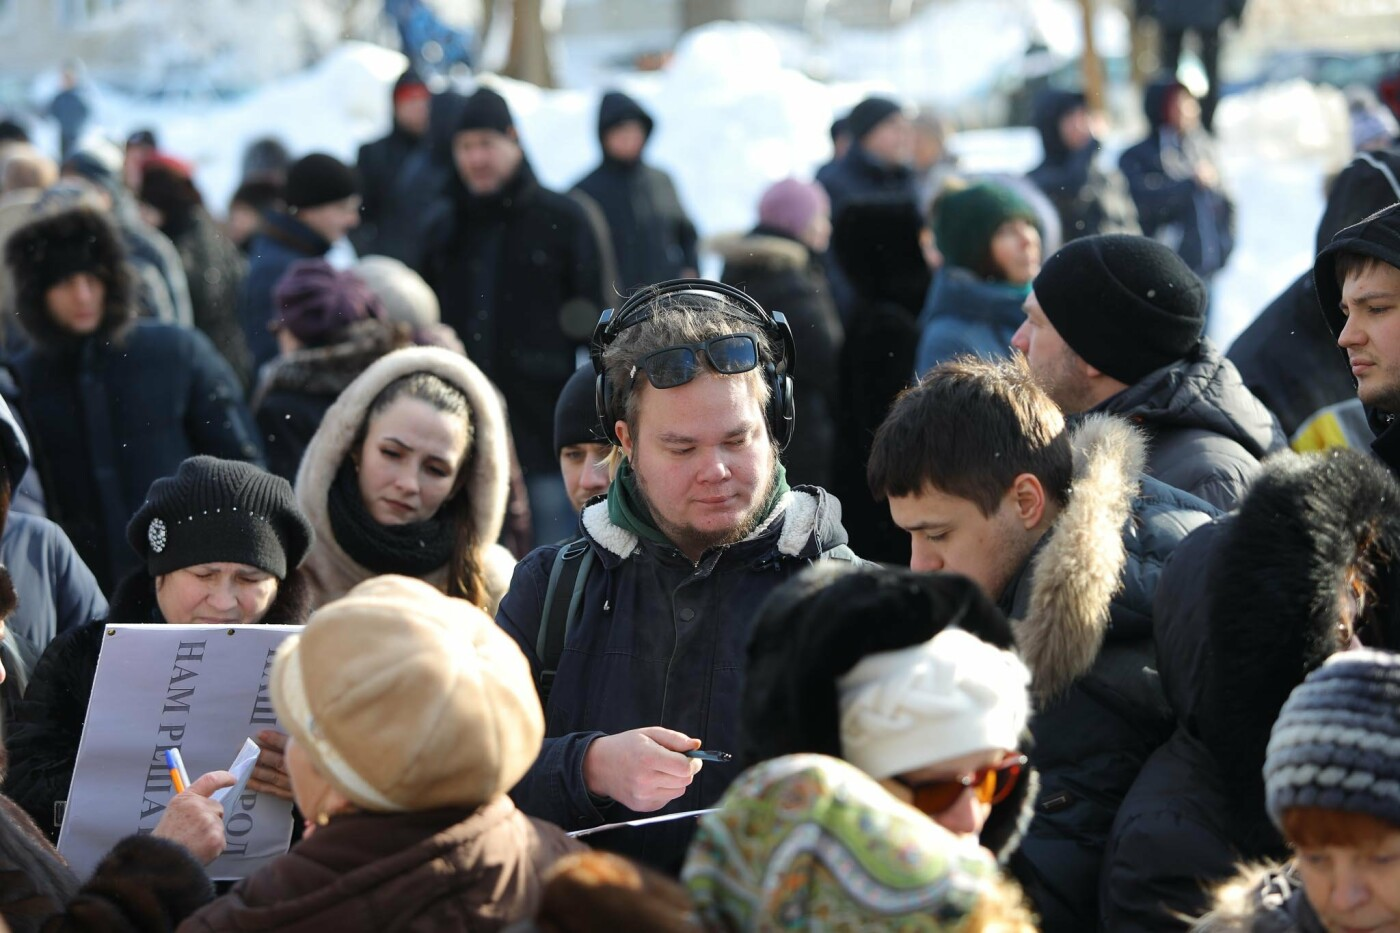 Белгородцы провели массовую акцию против новых правил благоустройства, фото-3, Фото Антона Вергуна